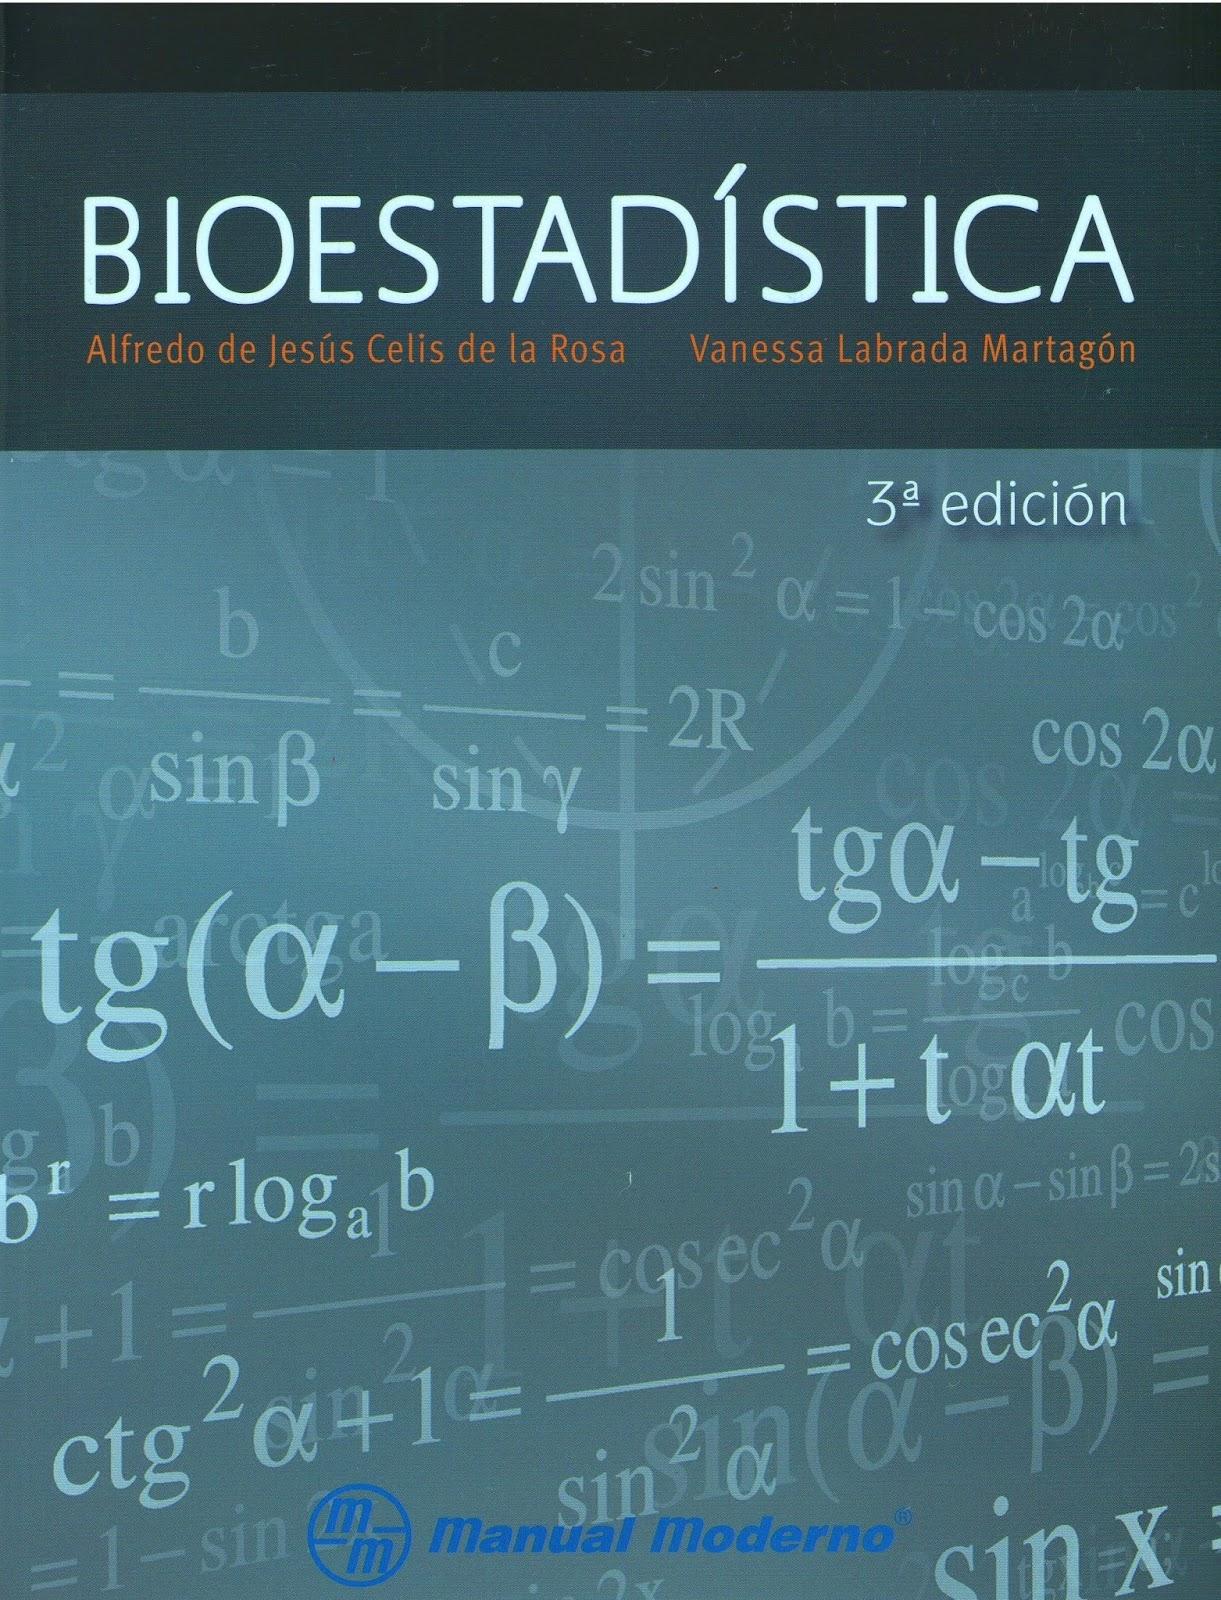 Bioestadística, 3ra Edición – Alfredo de Jesús Celis de la Rosa